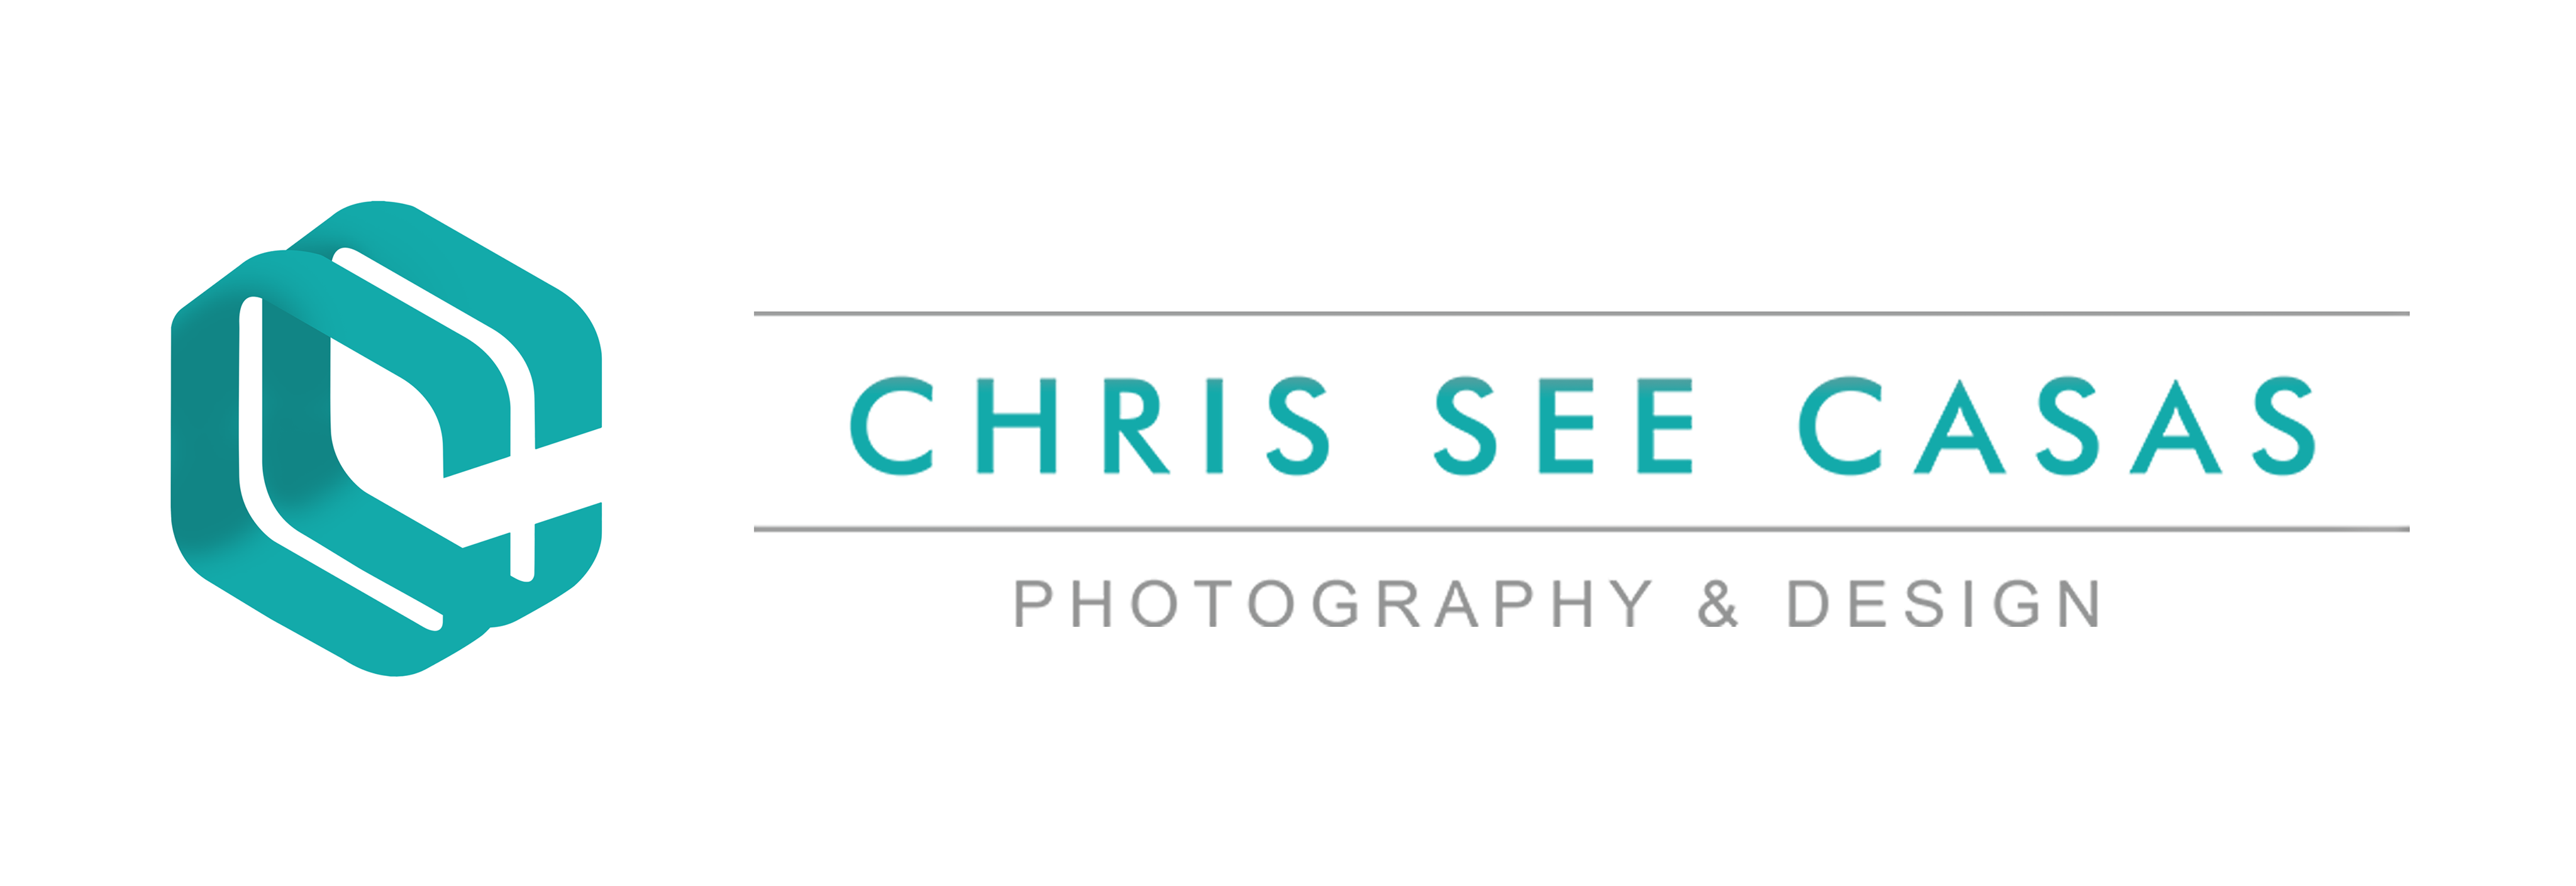 Chris See Casas